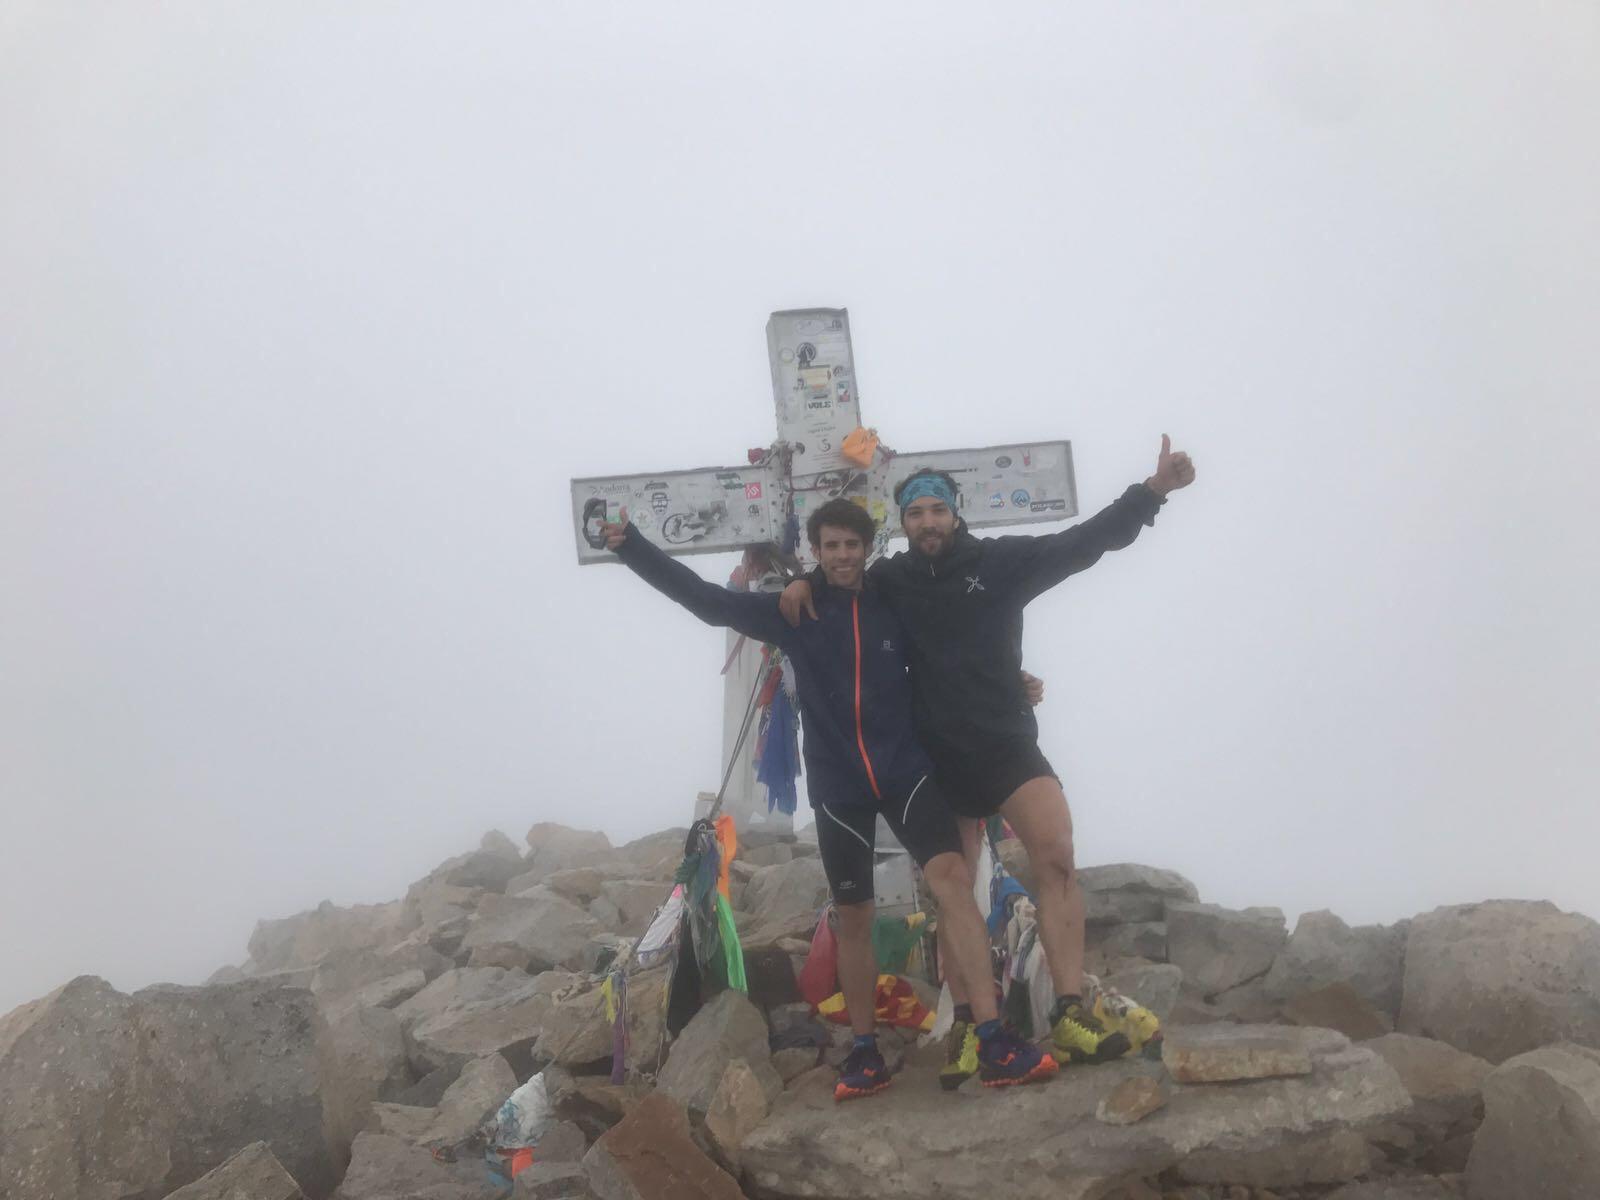 Benasque (pueblo)- cima del Aneto. 41 km y 3040 mts. de desnivel positivo.